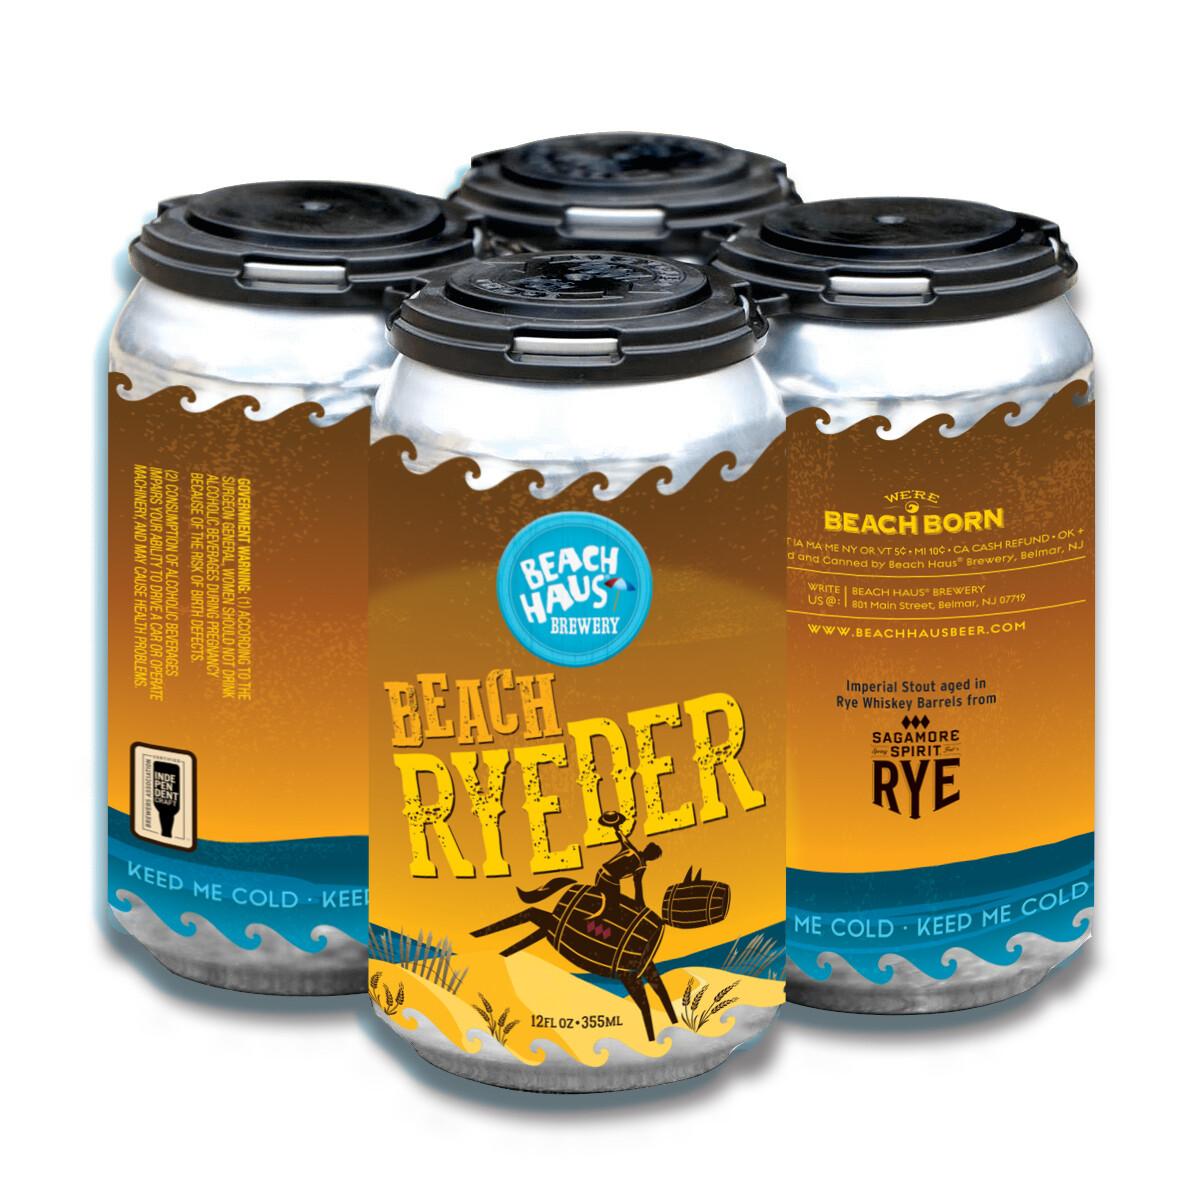 Beach Ryeder 4-pack